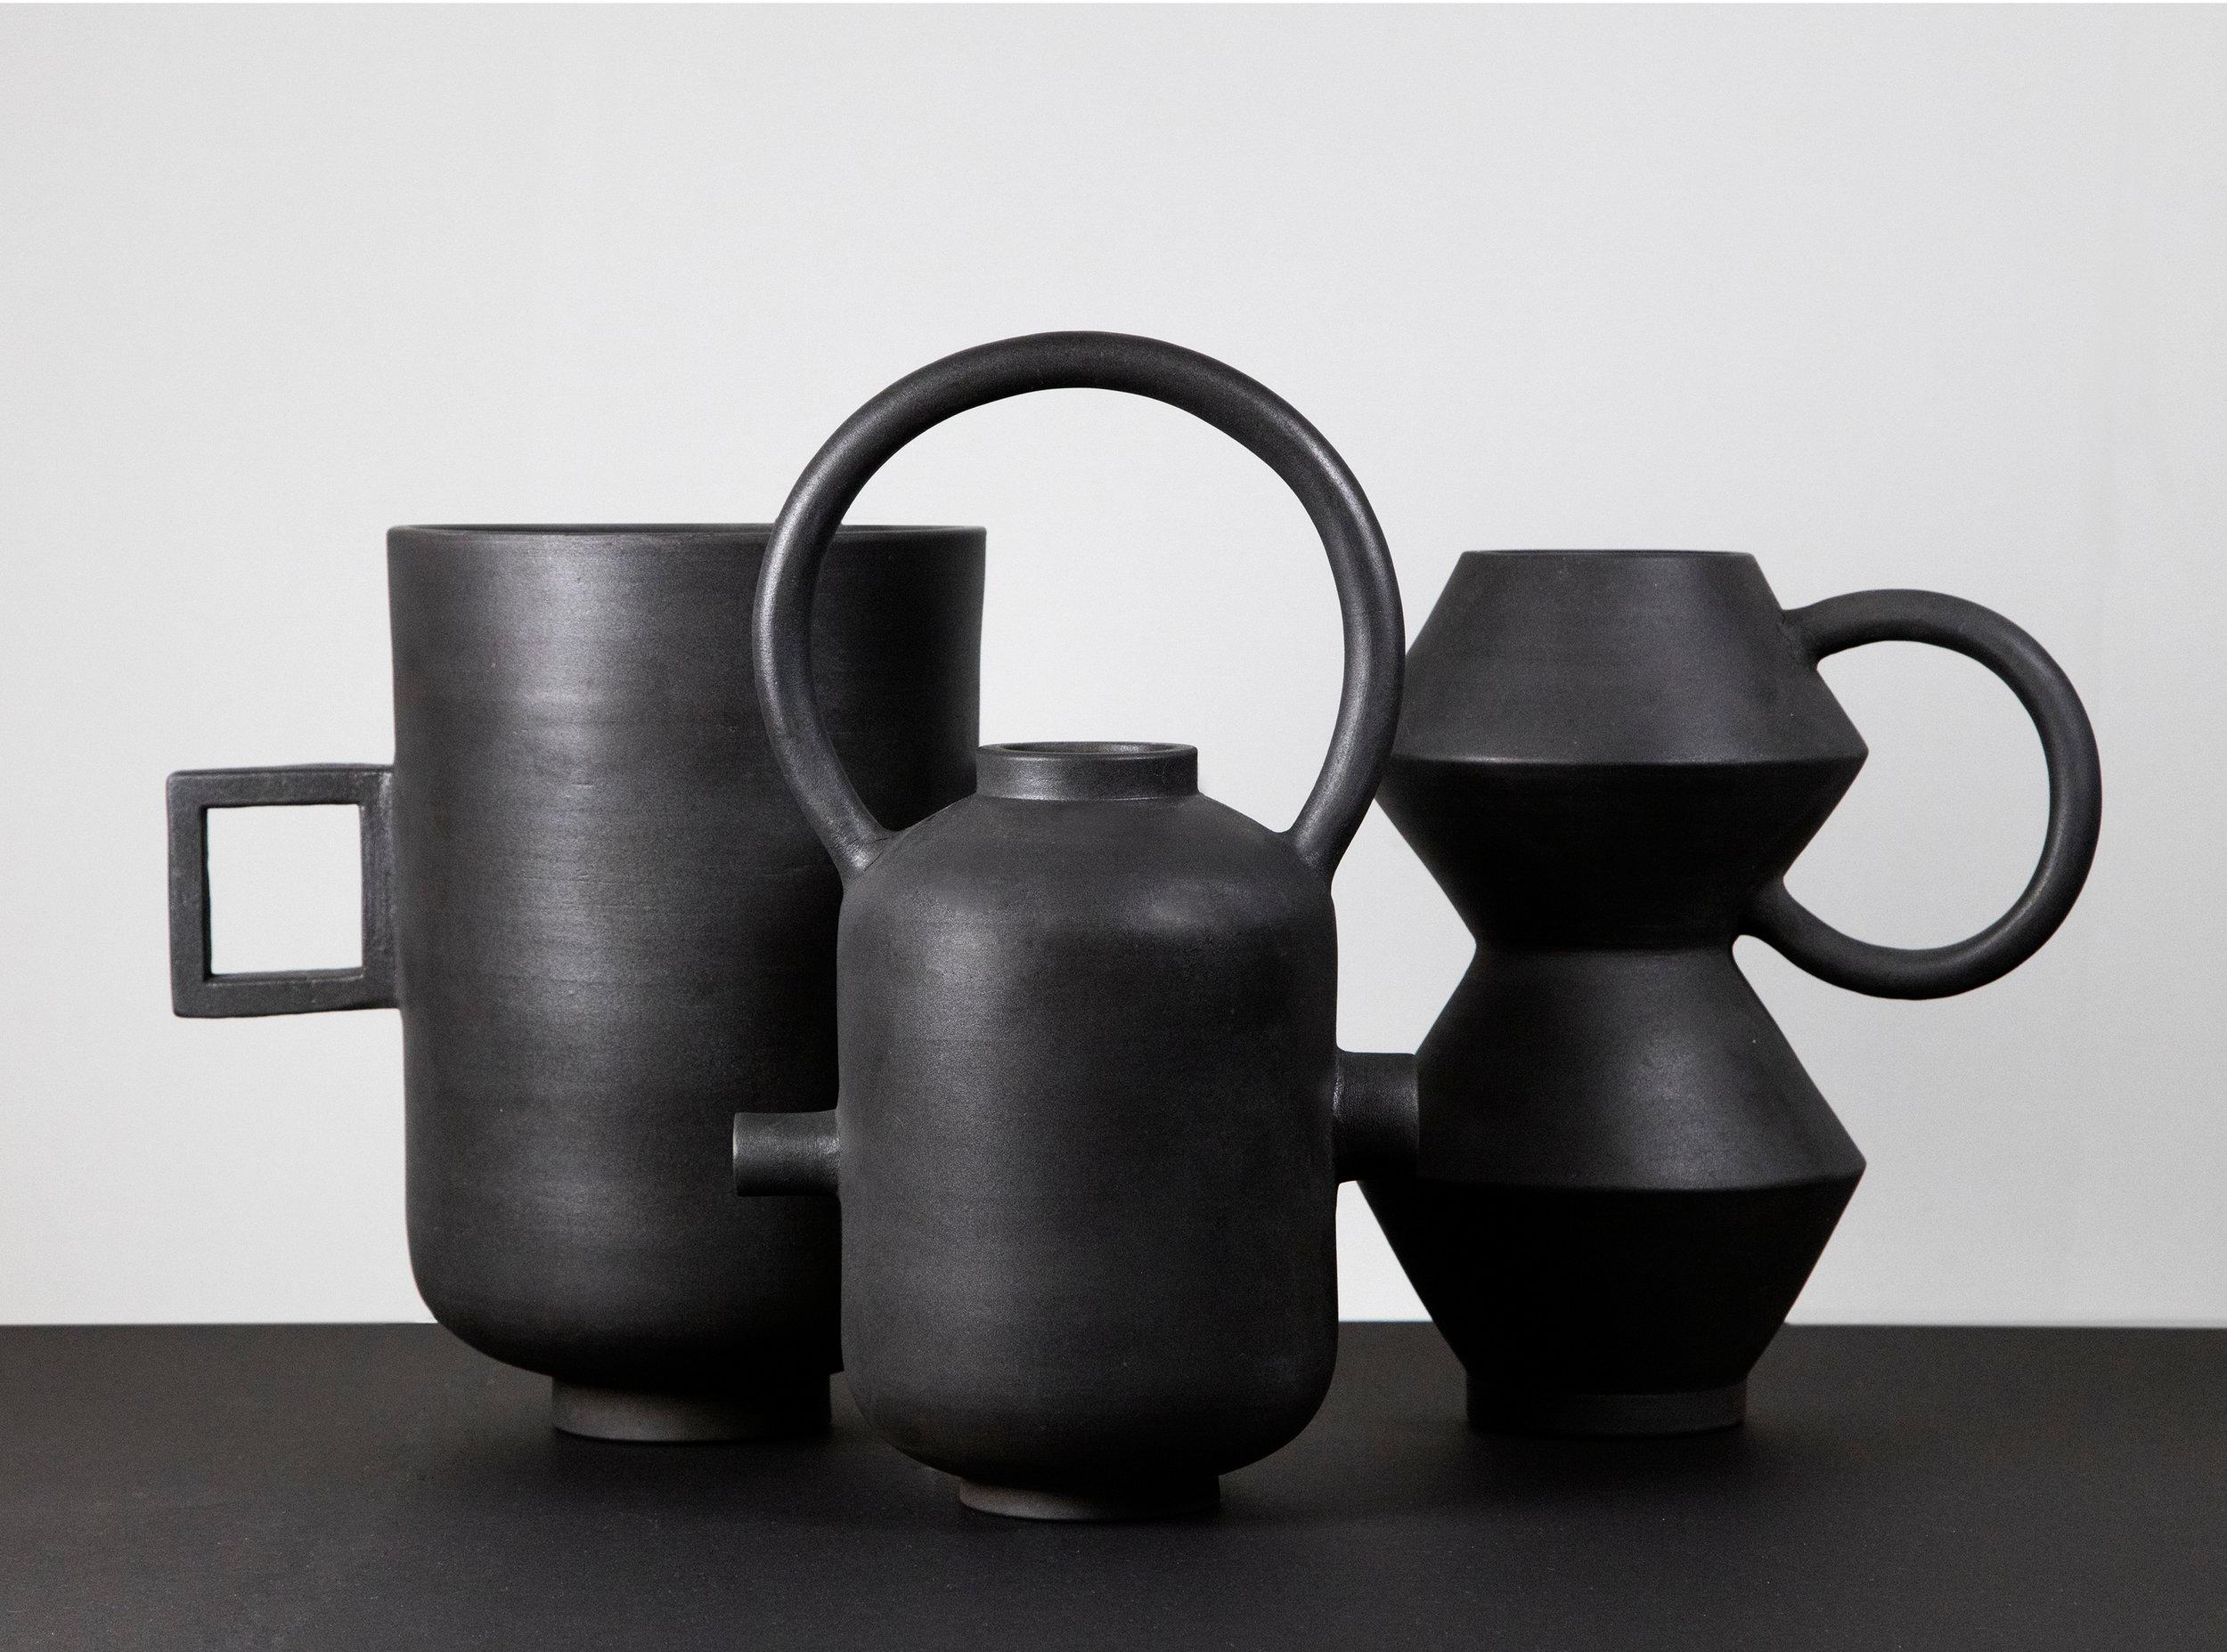 munoz-josefina-design-black-vases-ceramic-7.jpg